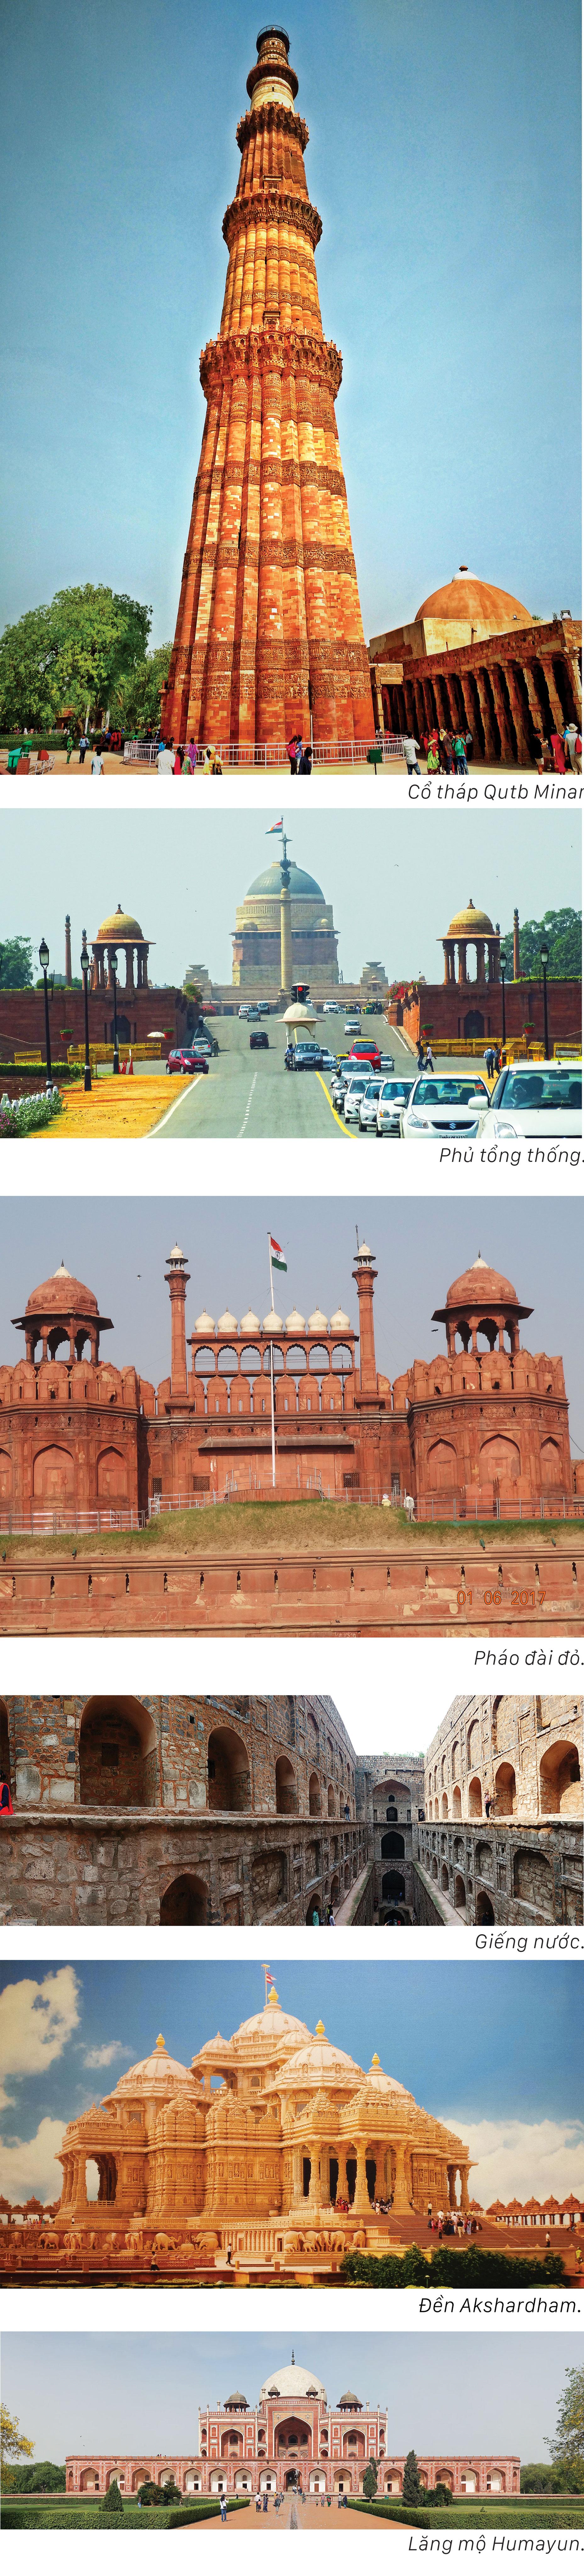 DELHI - Thành phố  có nền  văn minh  lâu đời nhất ảnh 1